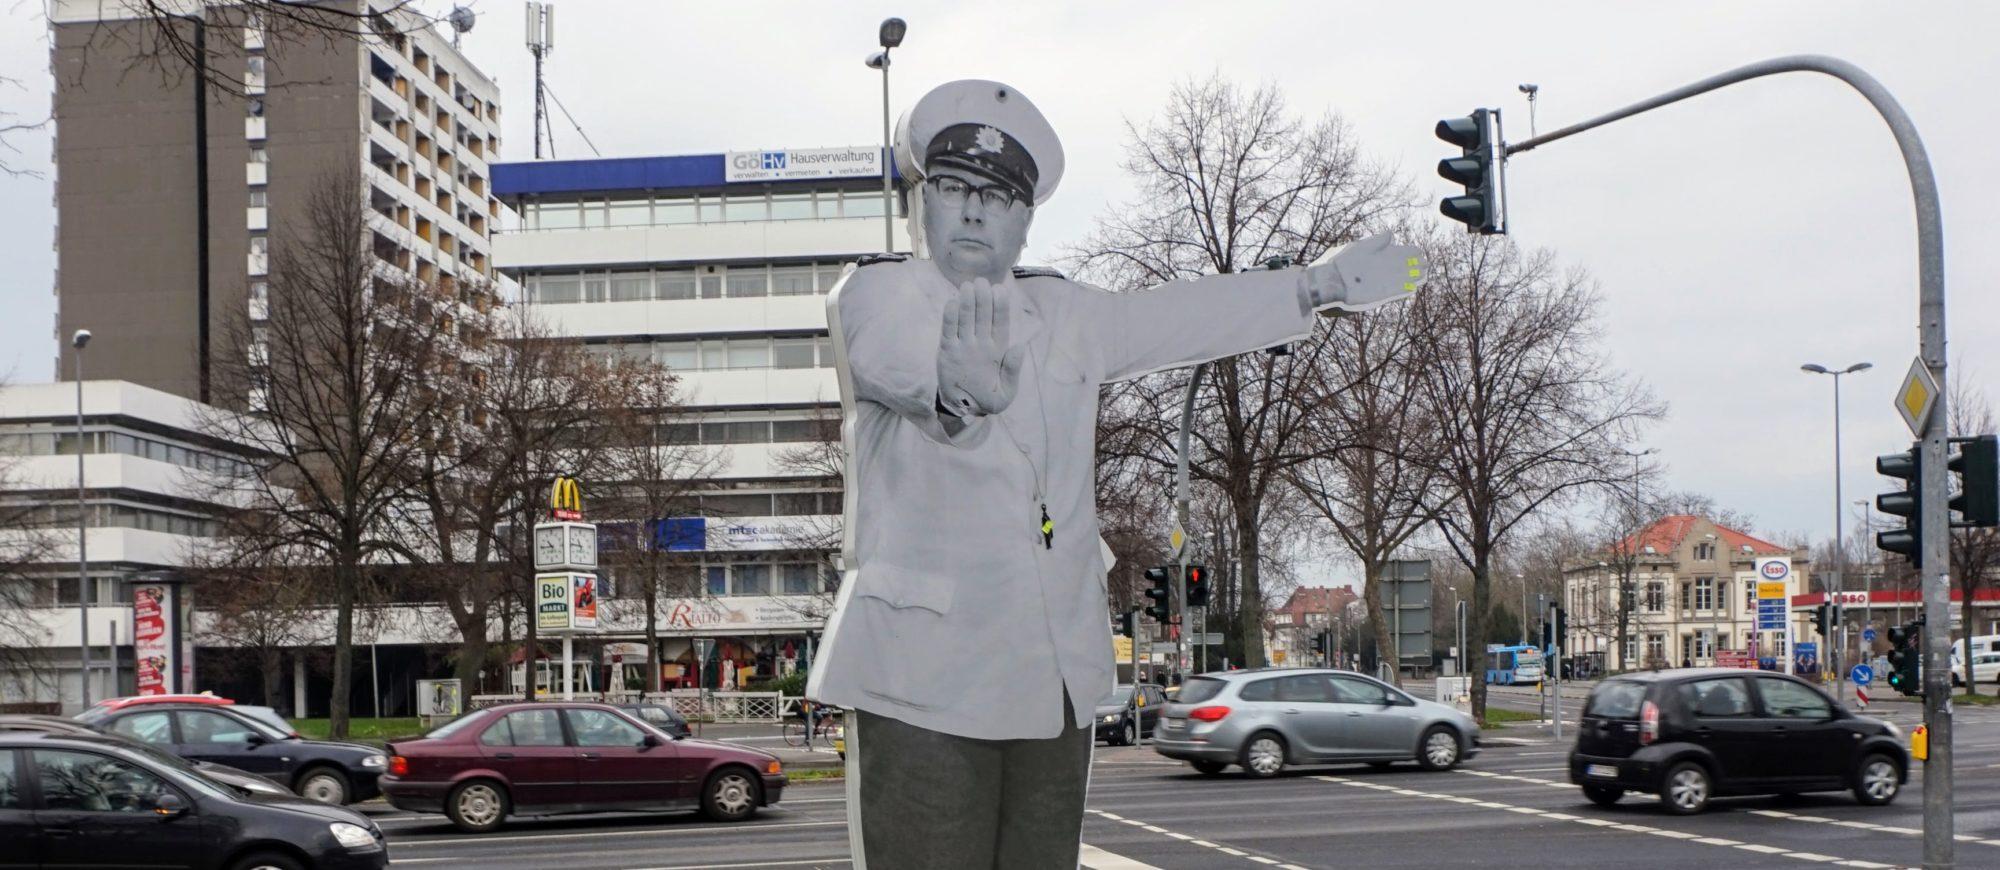 Göttingen: Wo Heinz Erhardt und Hans Albers Filme drehten